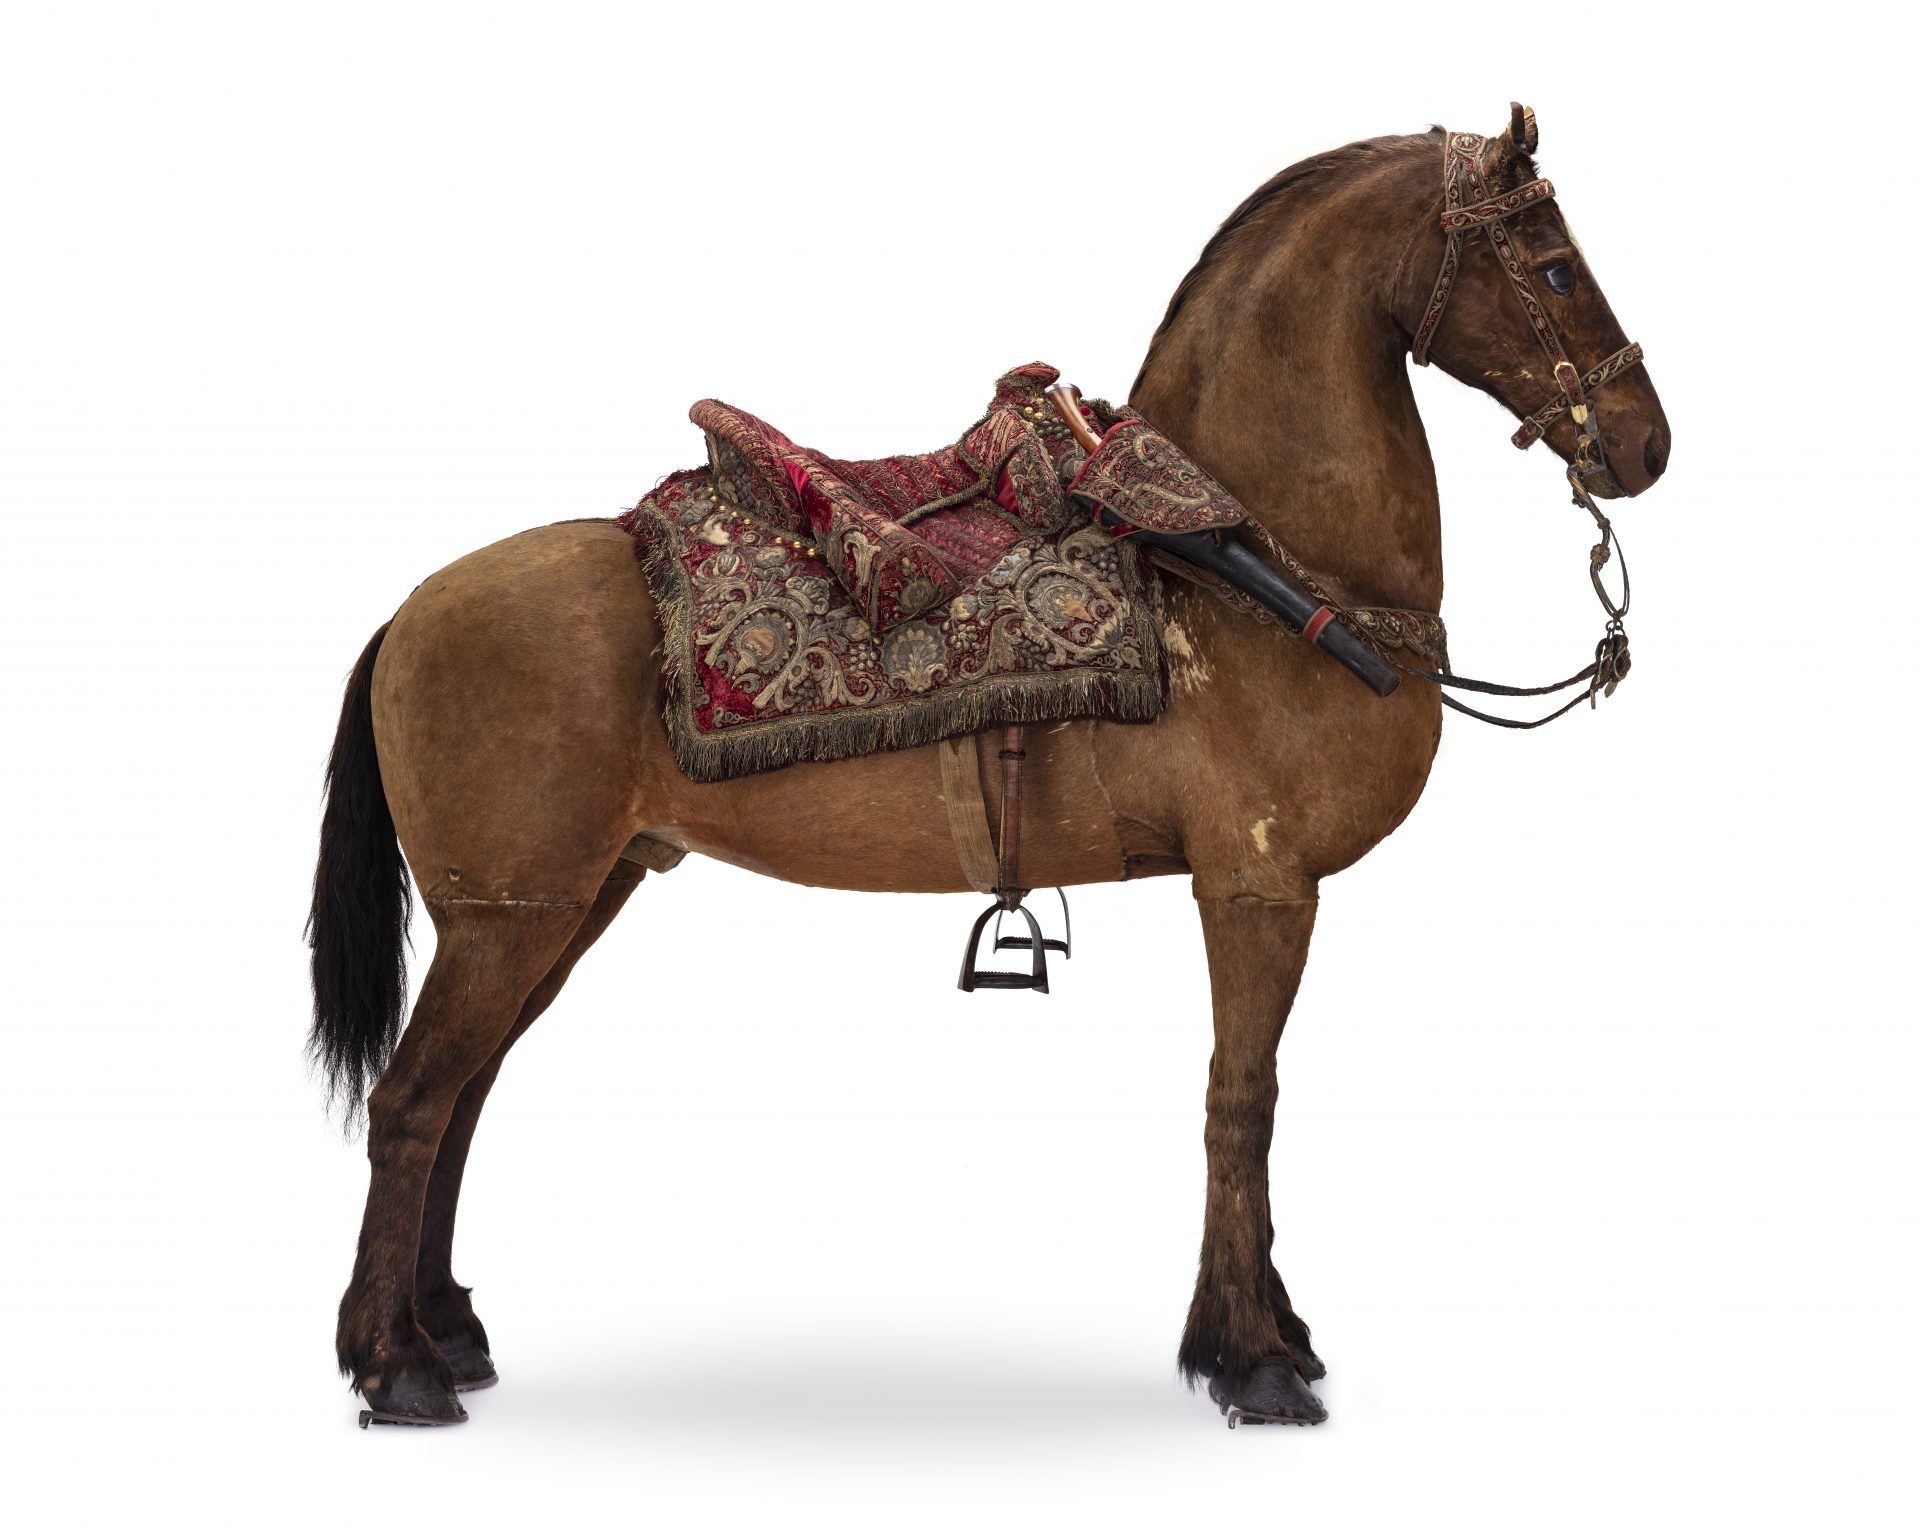 Brun häst sedd från sidan, med huvudet åt höger. På hästen sitter en sadel och ett träns.